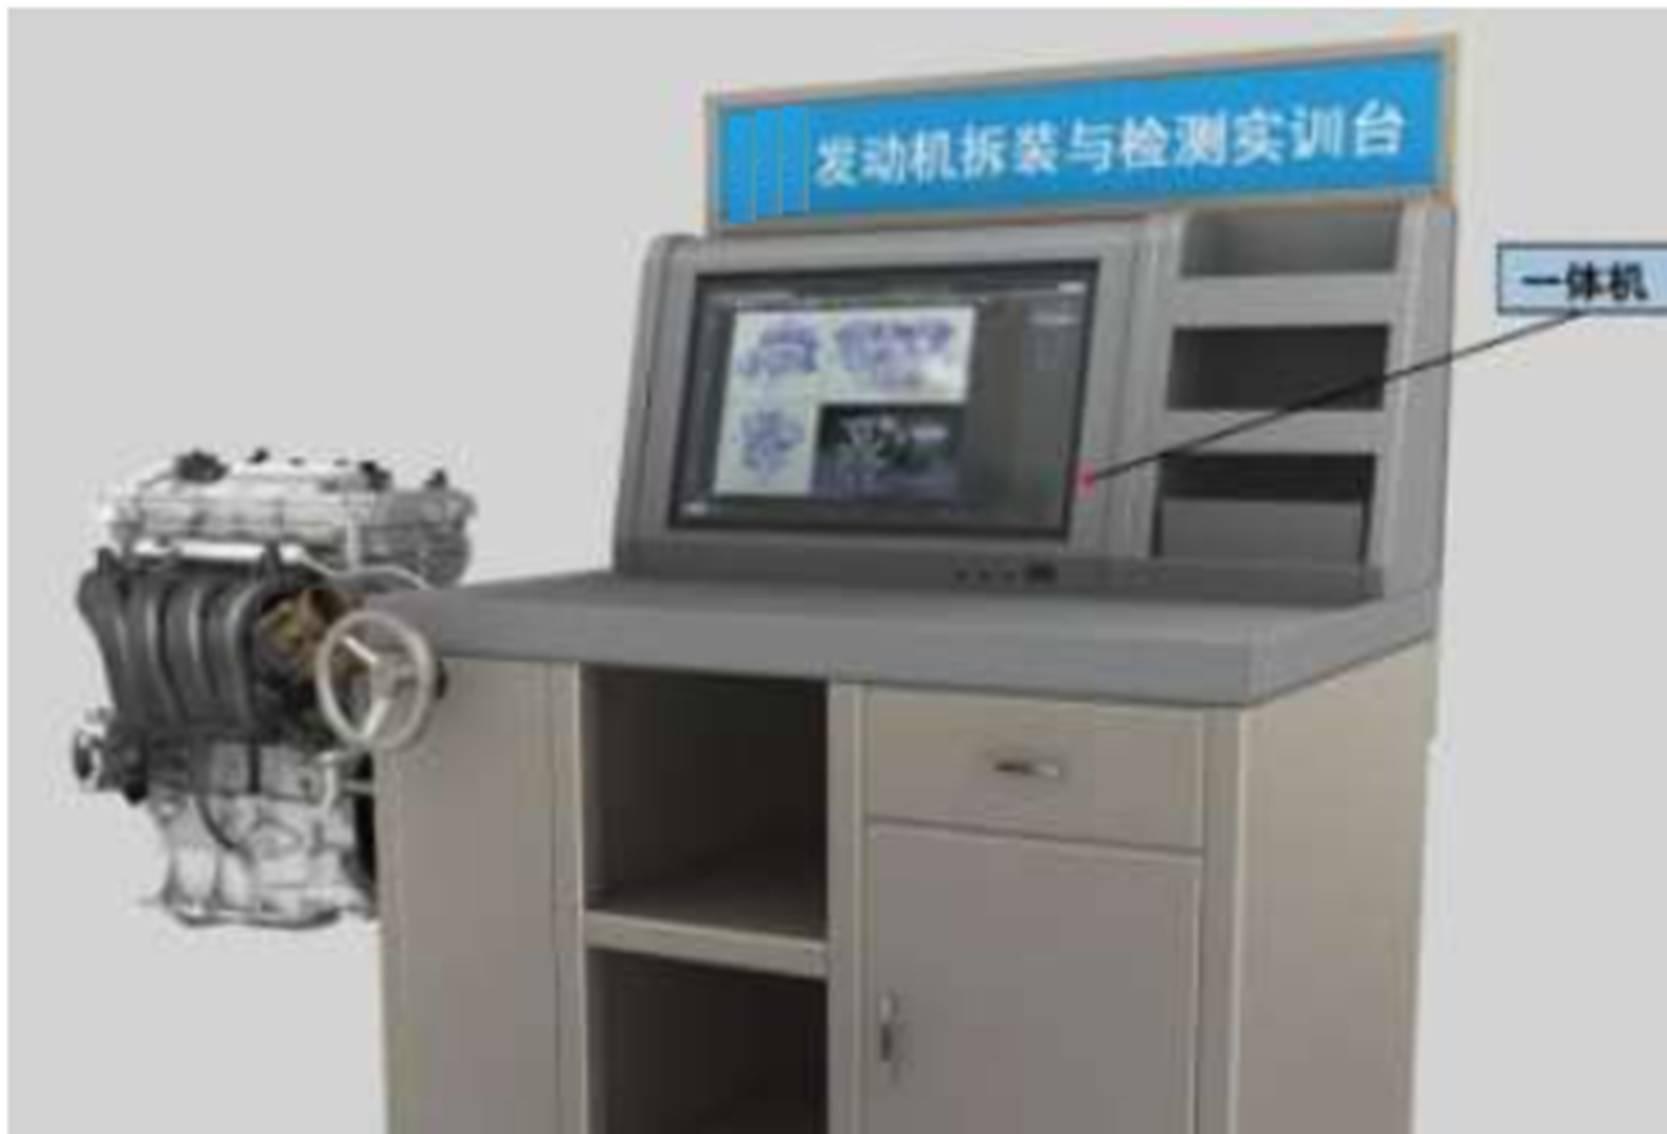 yuy-fz02汽车发动机拆装与检测实训台|拆装附翻转实训台架